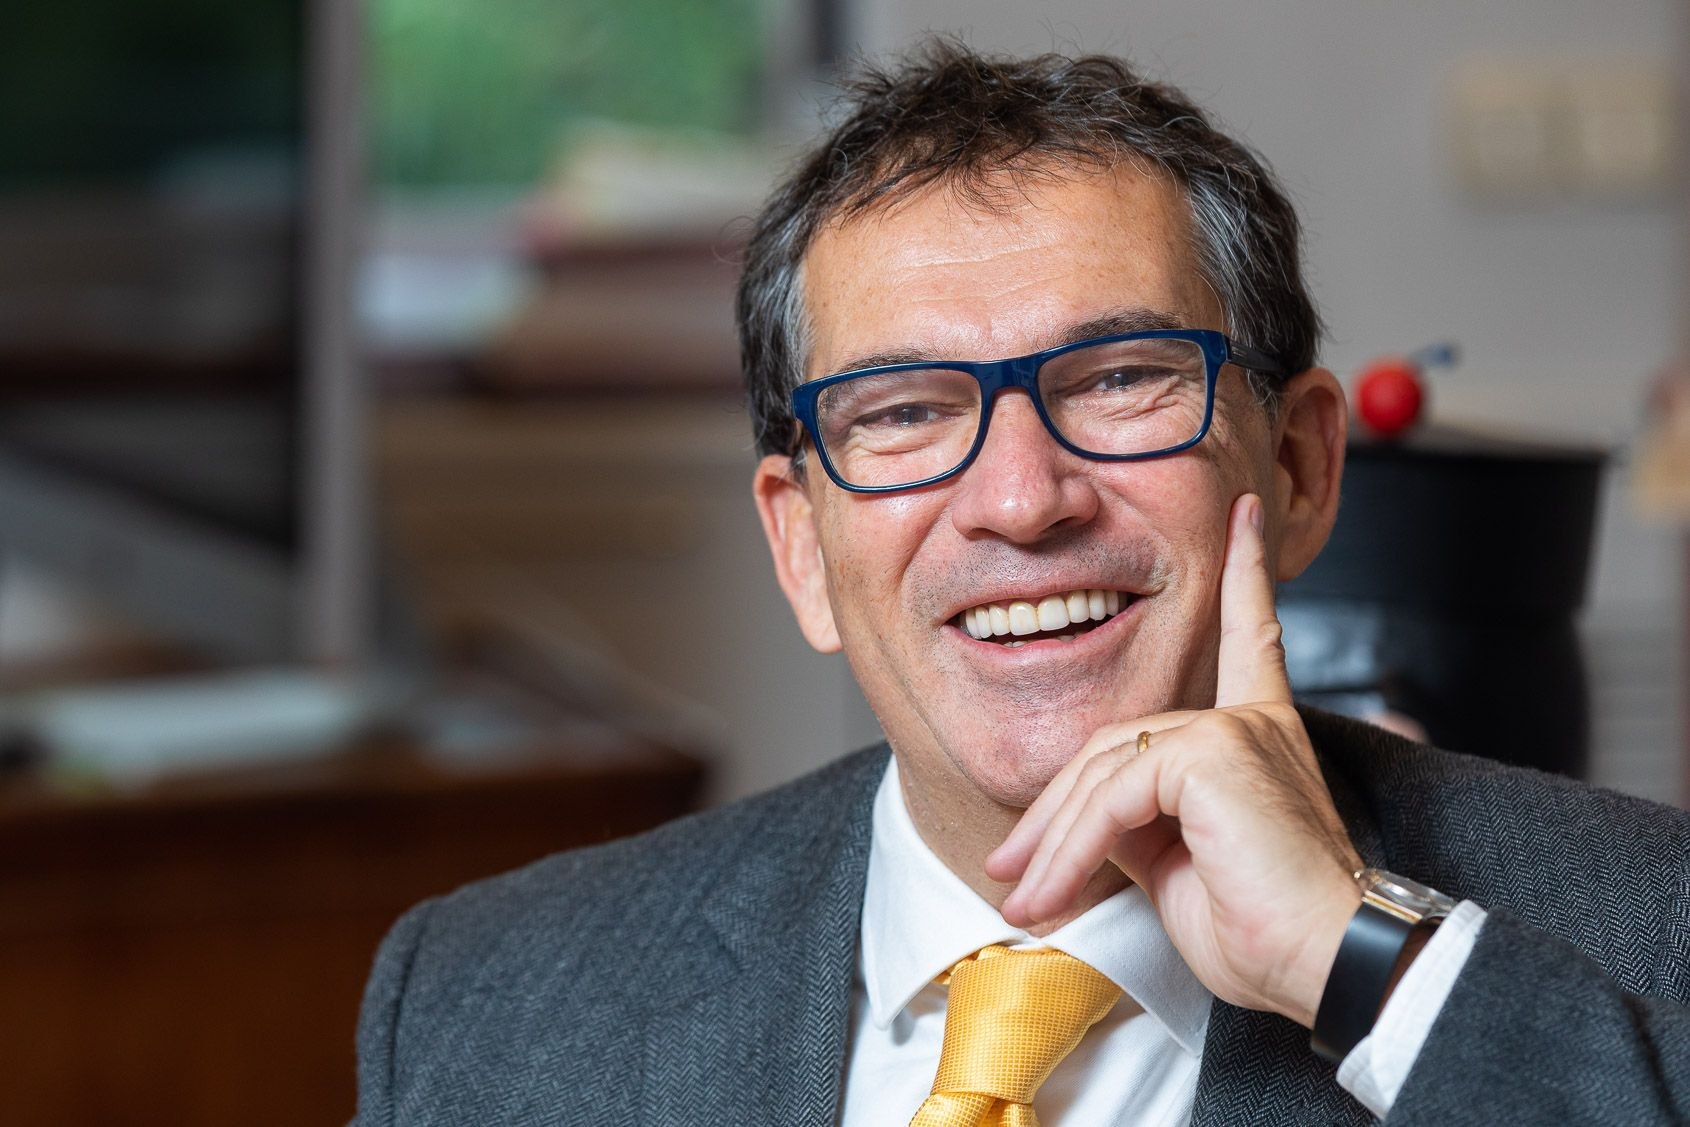 Jaume Alonso-Cuevillas riu en un moment de l'entrevista on defensa la confrontació